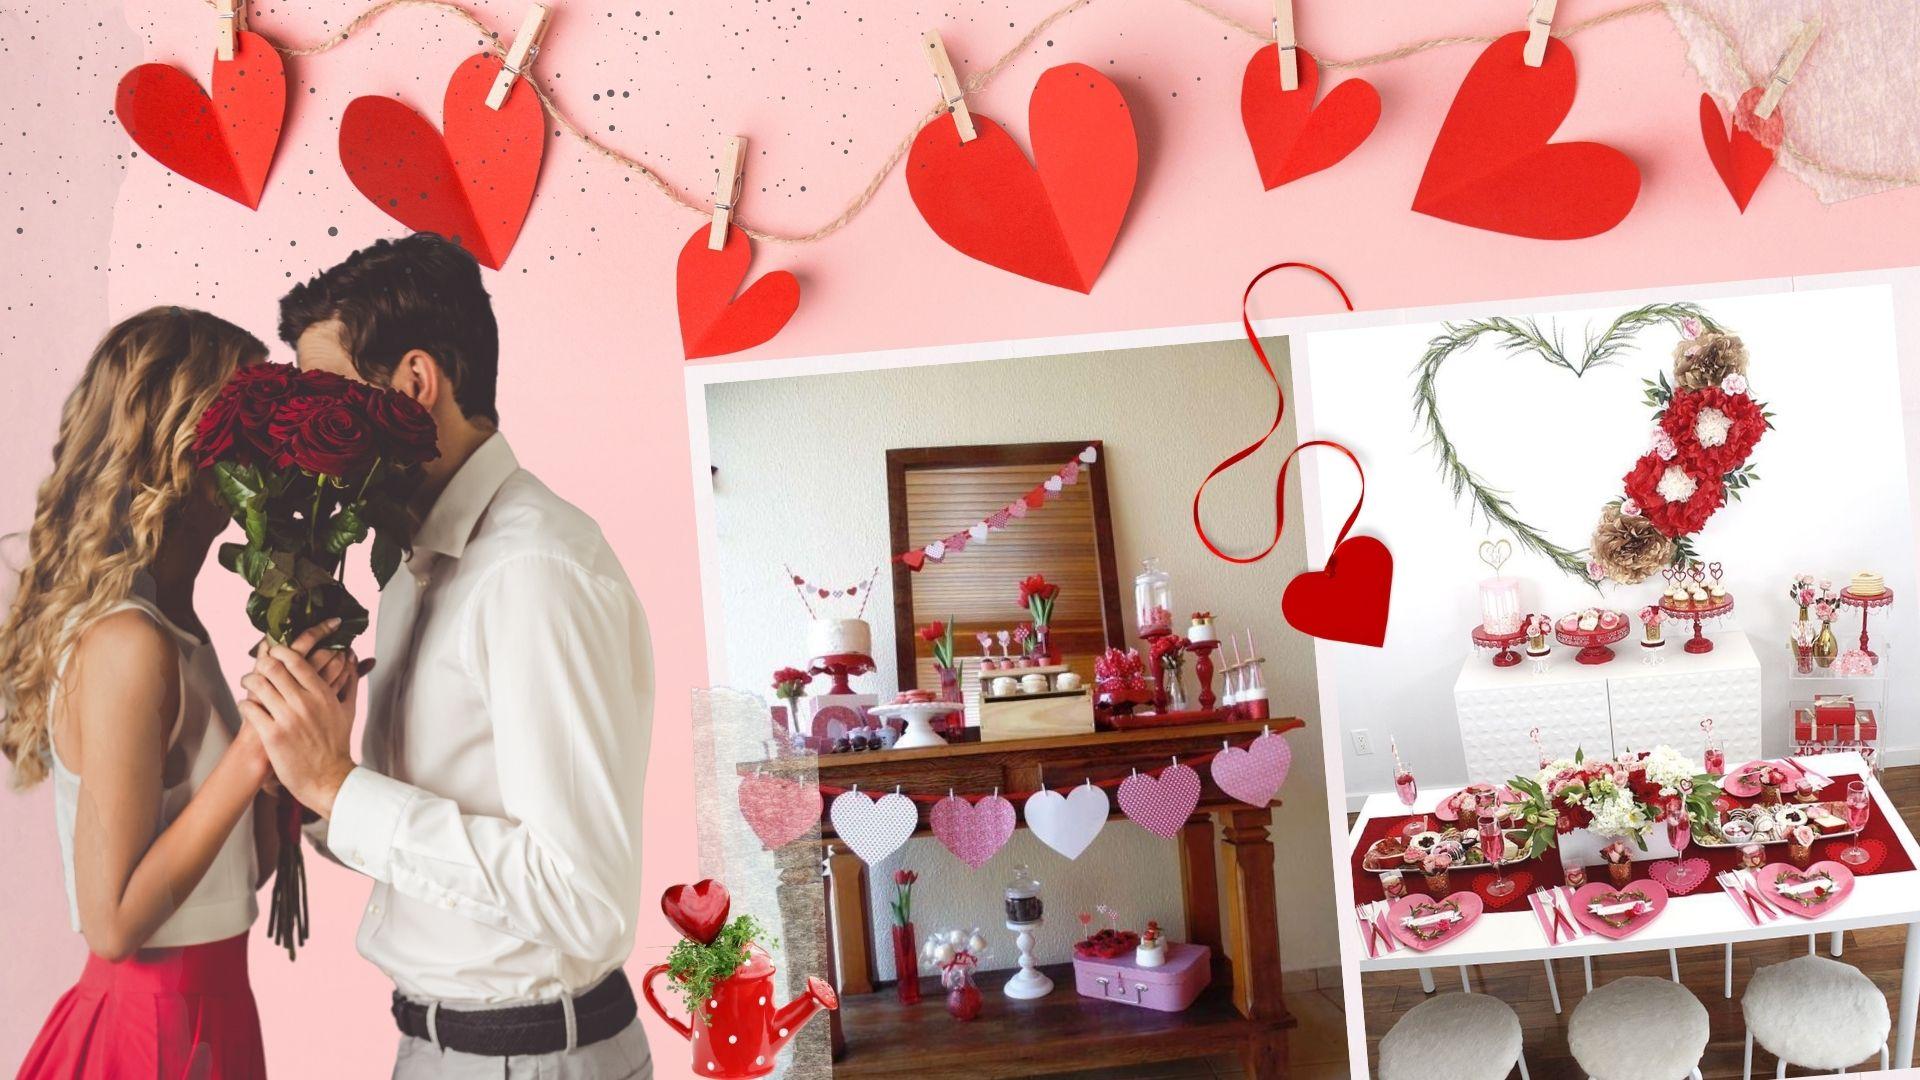 Decoración de San Valentín con corazones